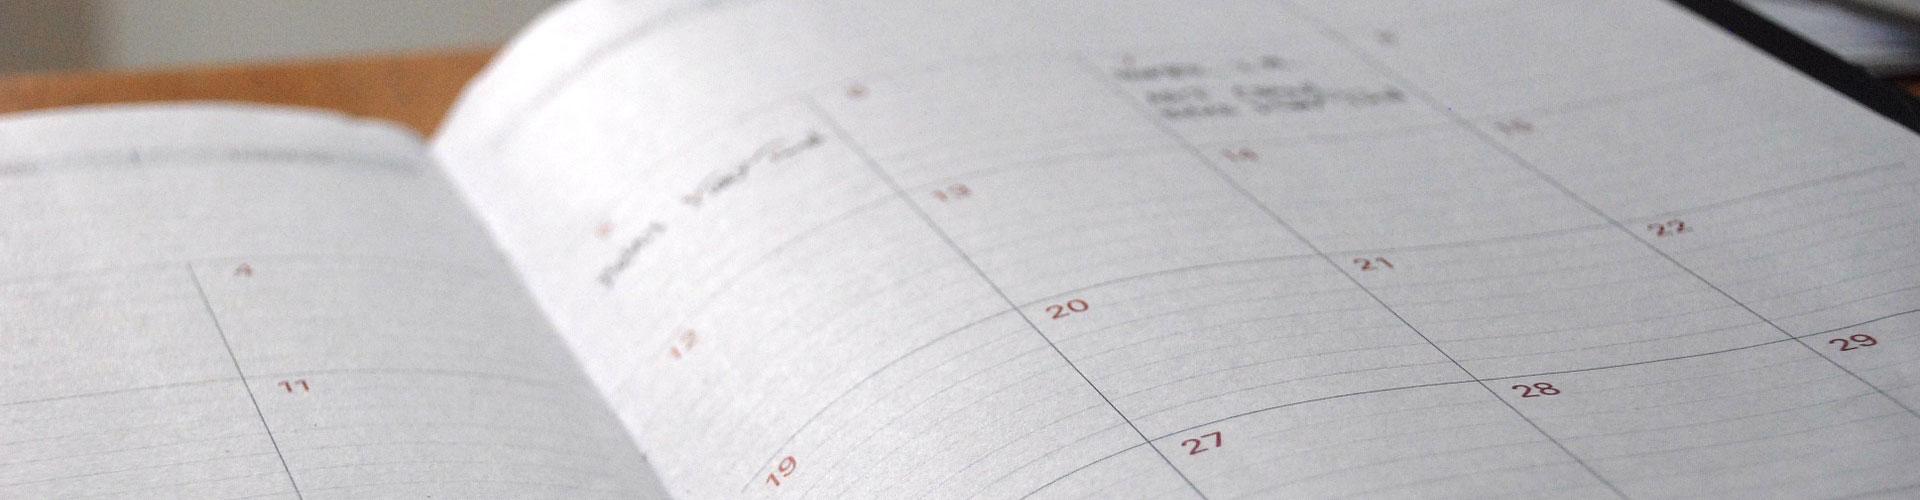 apag_calendario_aste